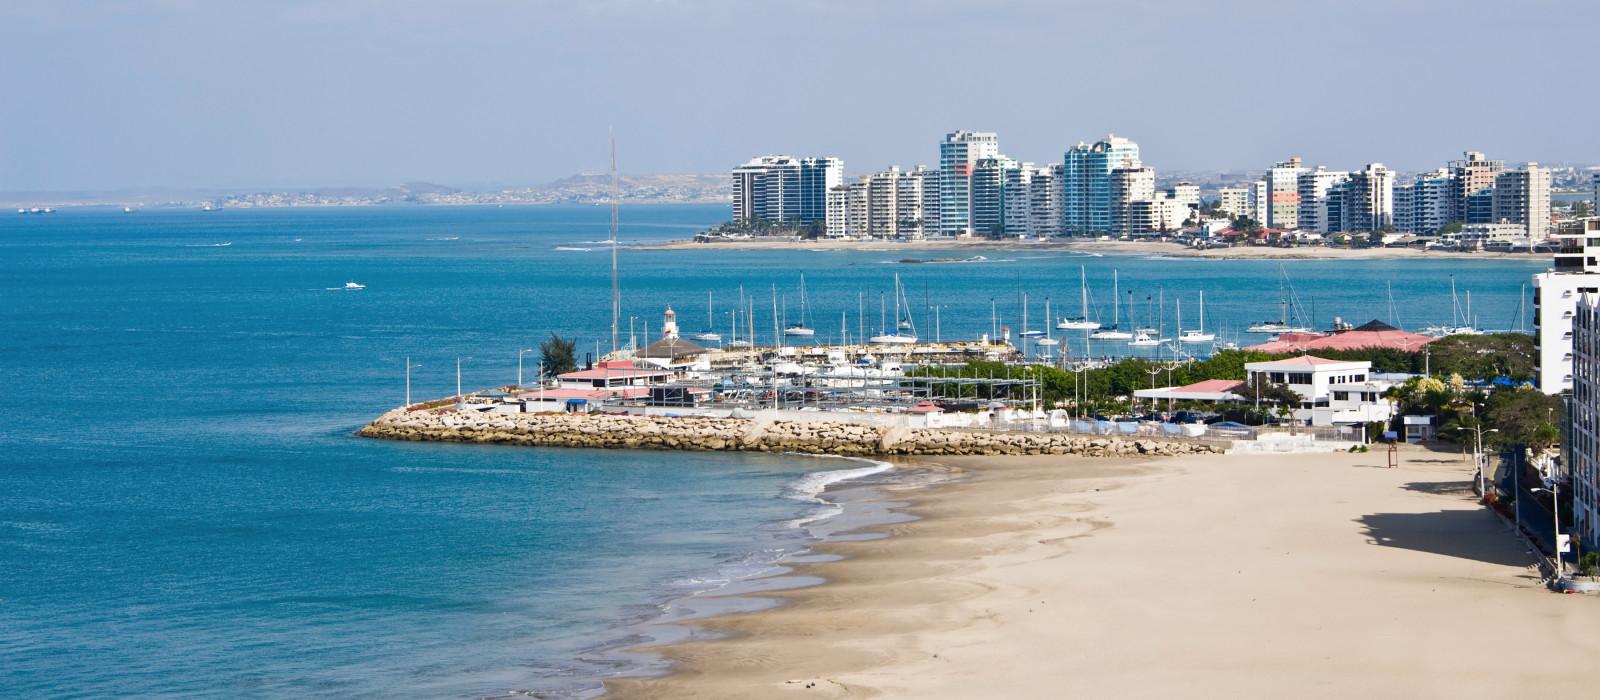 Salinas Strand mit Apartmenthäusern und Yachtclub, Ecuador, Südamerika